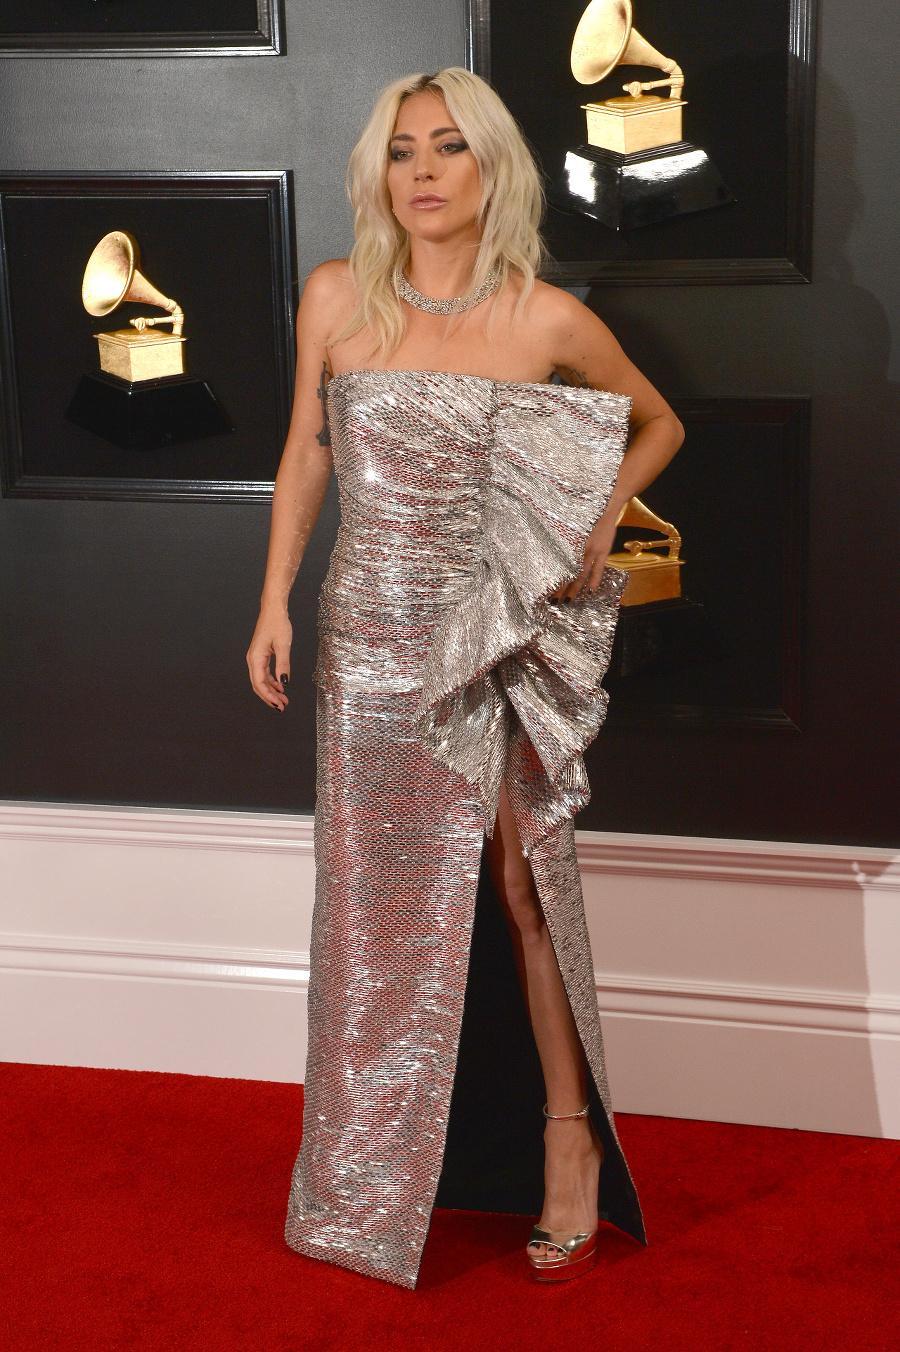 Speváčka Lady Gaga